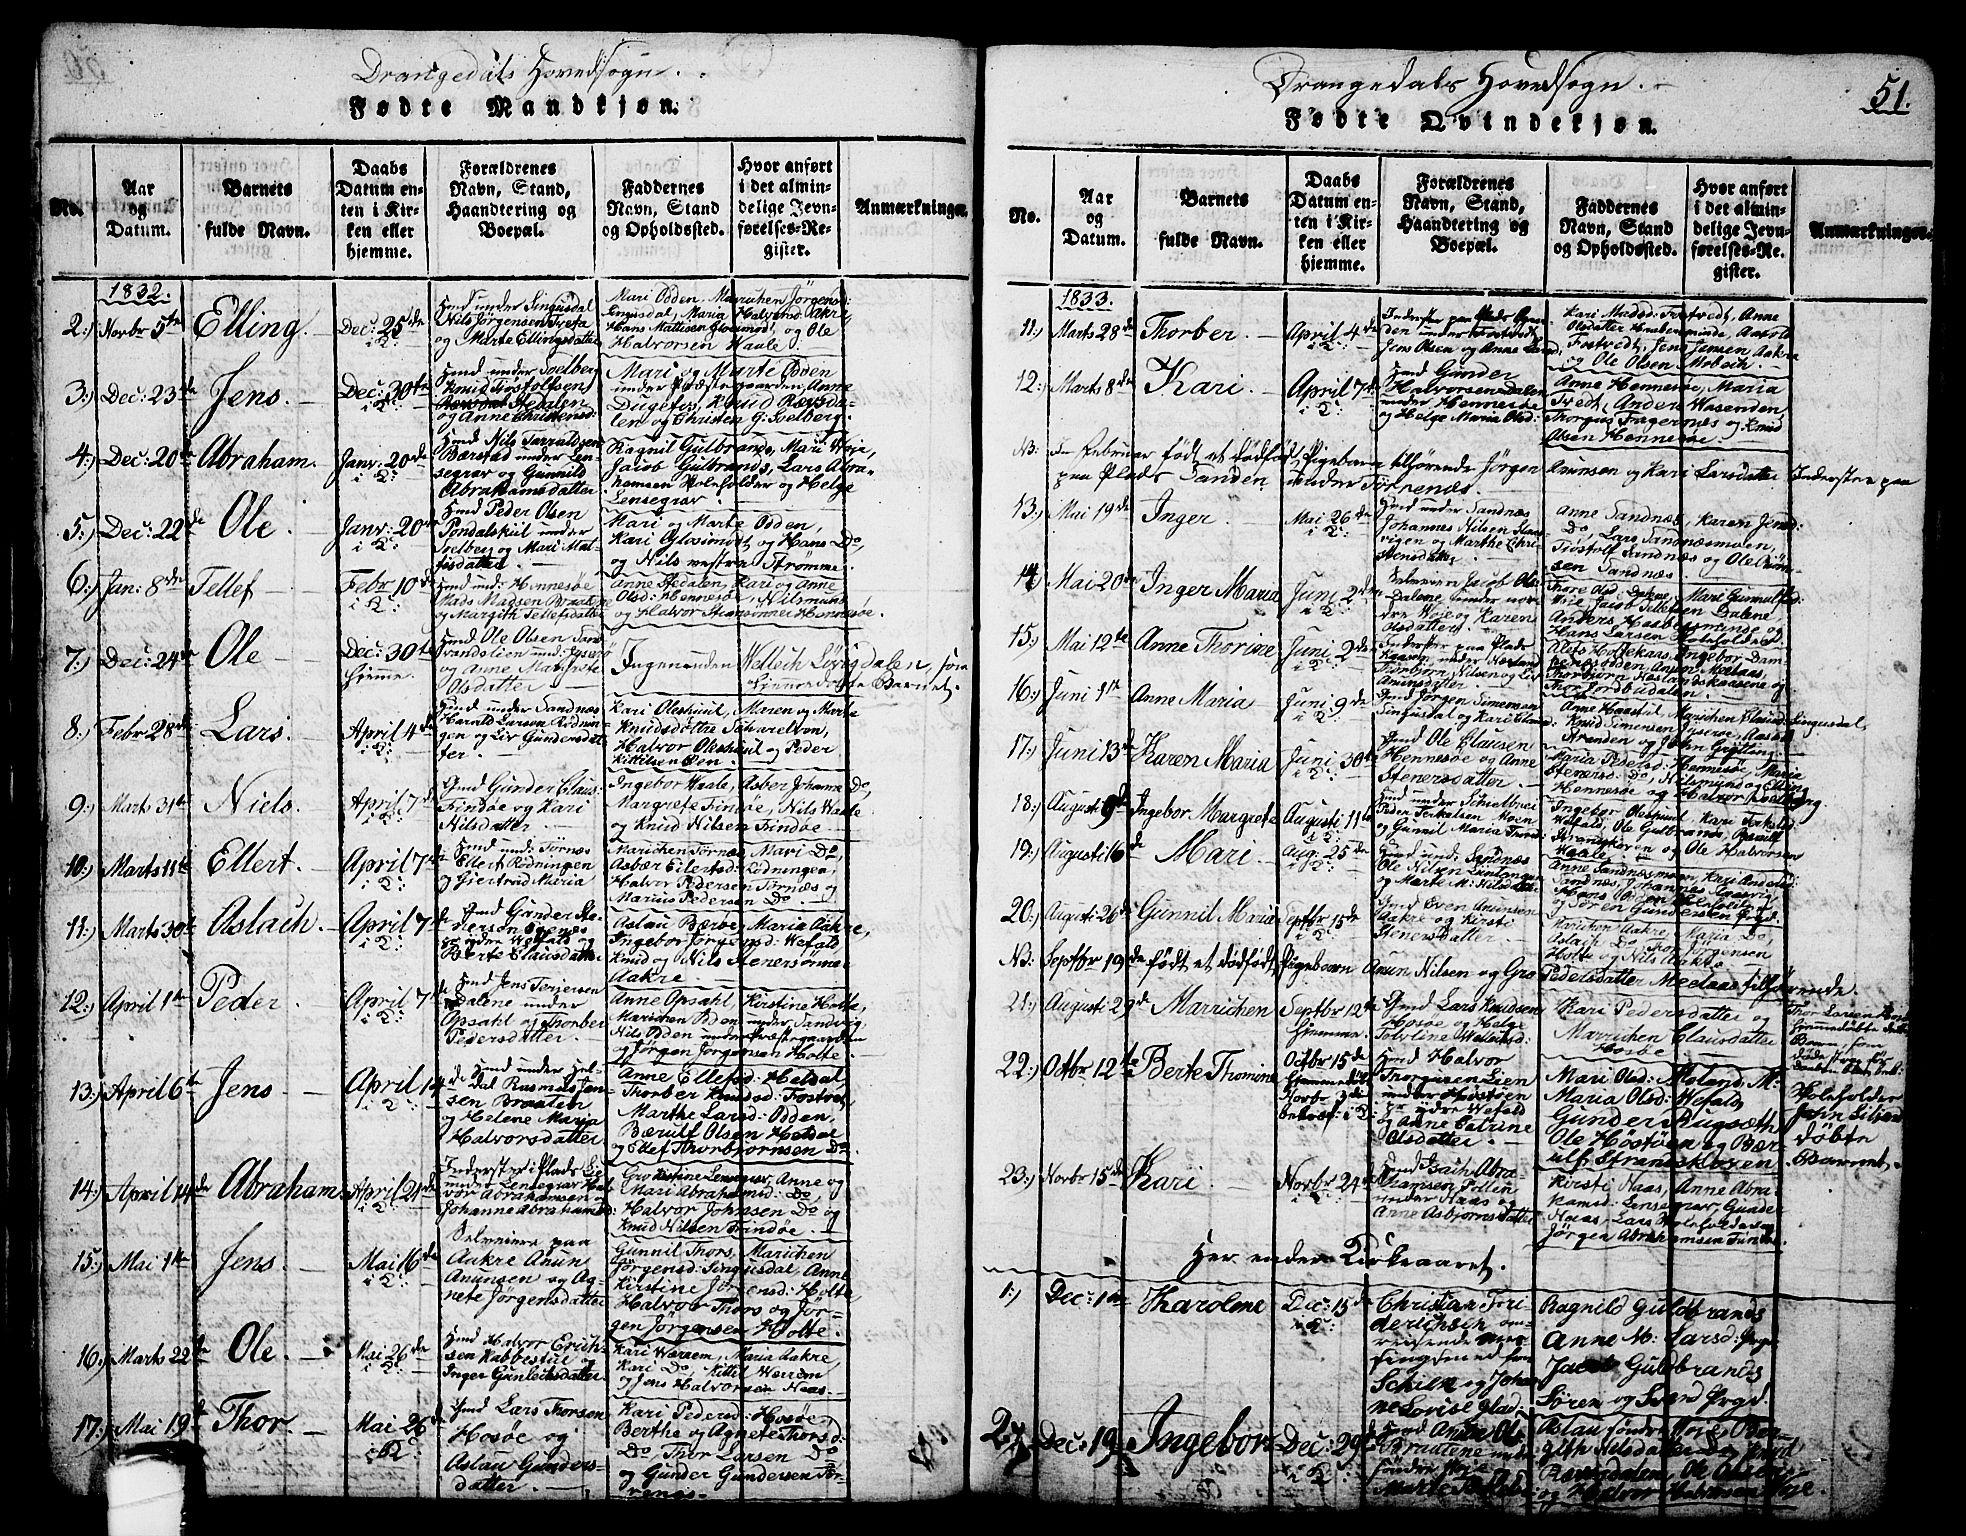 SAKO, Drangedal kirkebøker, G/Ga/L0001: Klokkerbok nr. I 1 /1, 1814-1856, s. 51